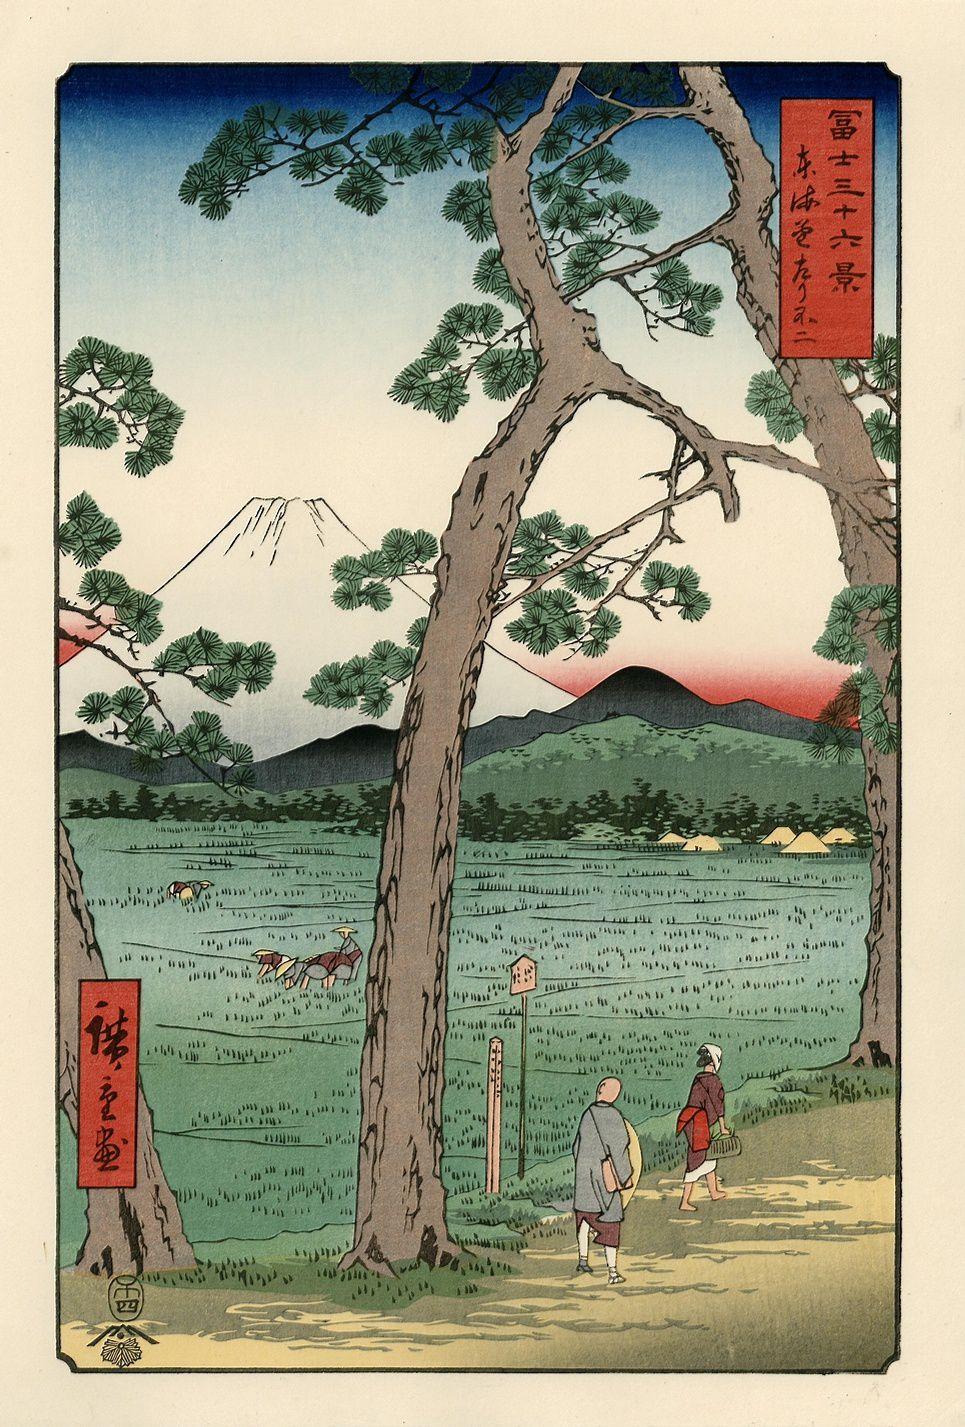 vends estampes Hiroshige : 36 vues du Mont Fuji